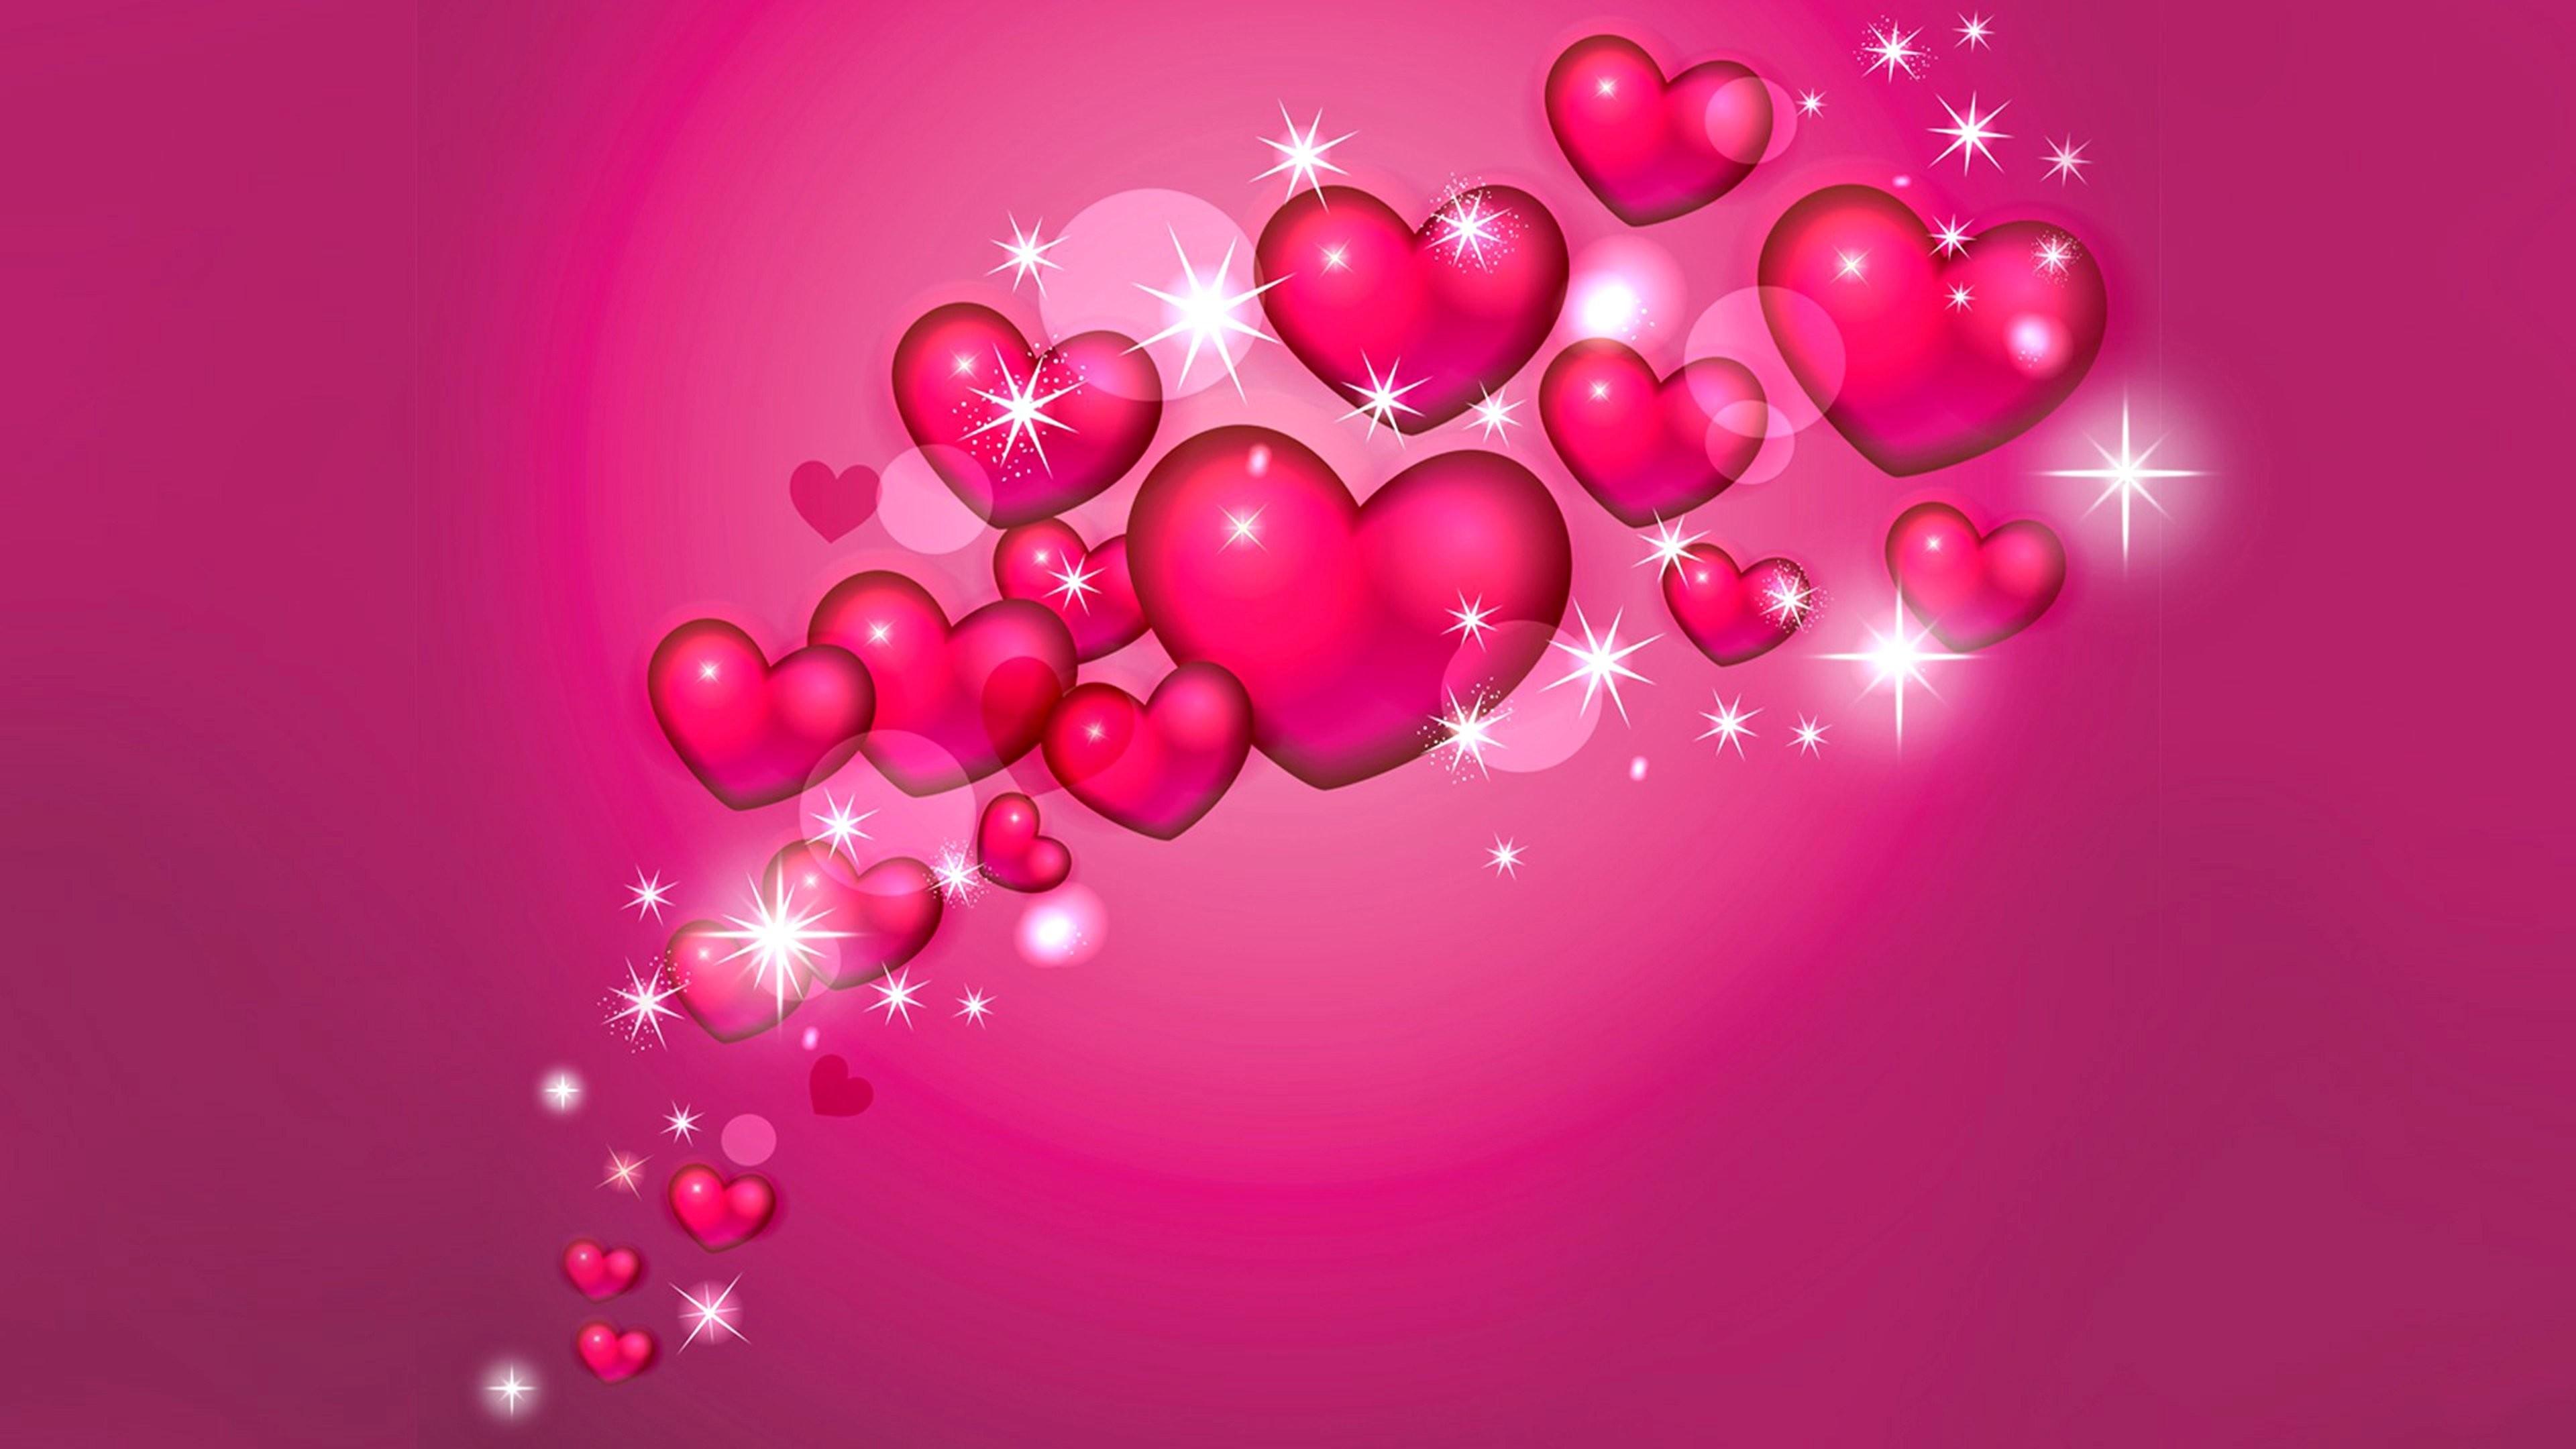 1920x1200 Hearts Smile Love Wallpaper